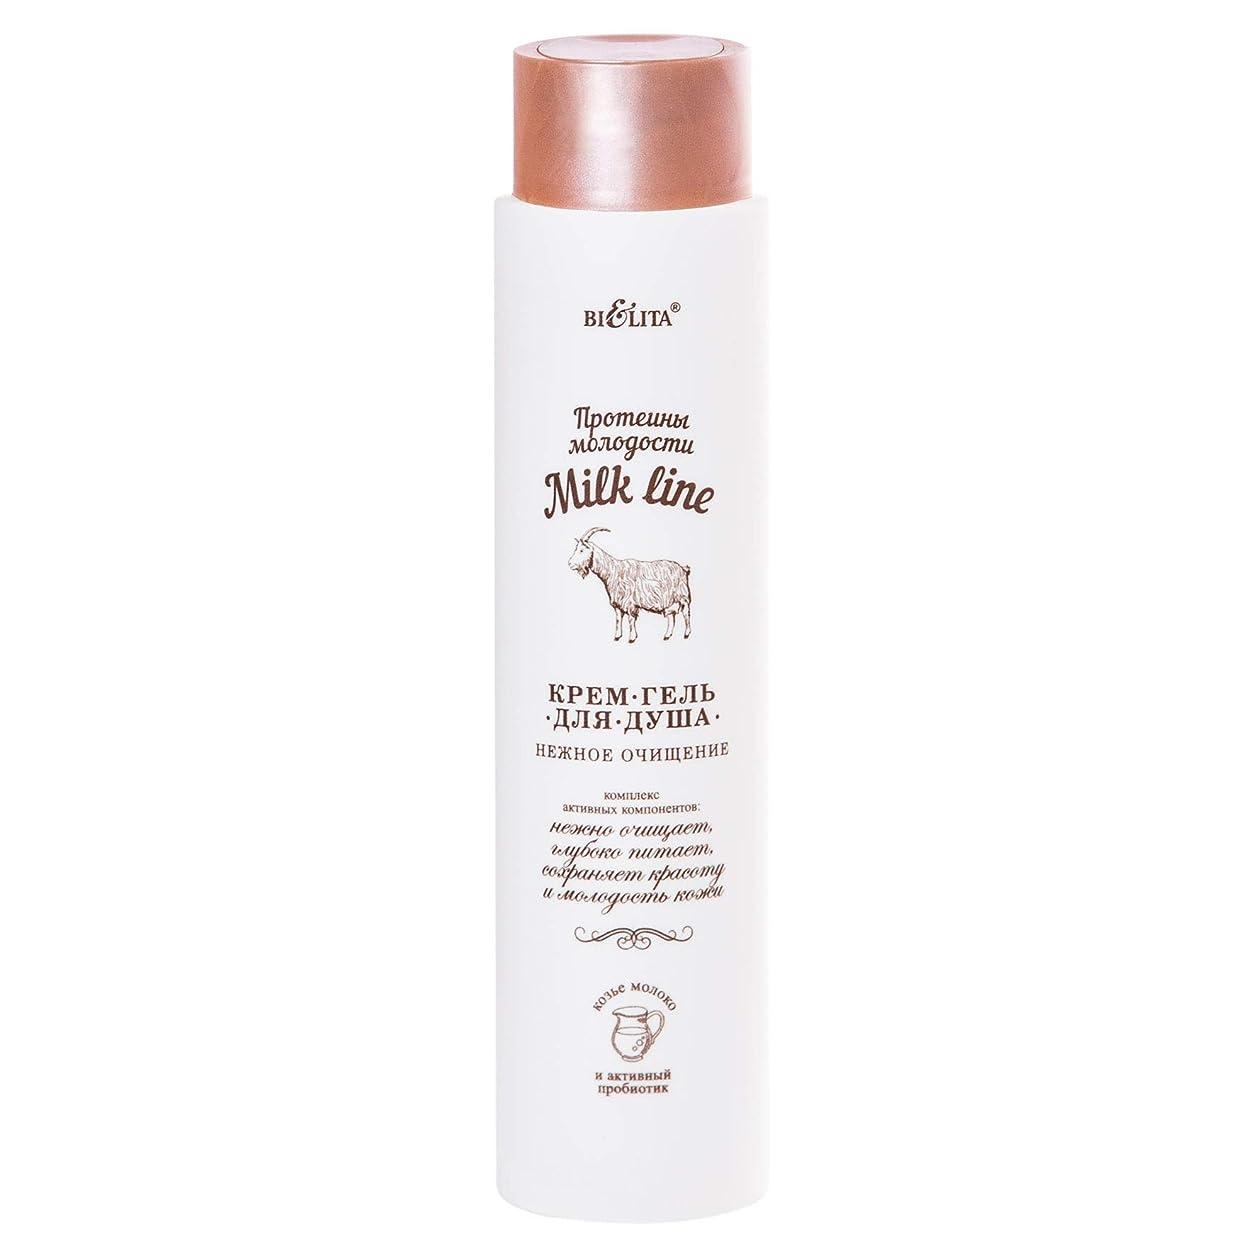 本能懲らしめ何Bielita & Vitex | Milk Line | Cream Shower Gel GENTLE CLEANING | Goat Milk Proteins | Toniskin | Vitamins A, C, E, F | Coconut Oil | 400ml